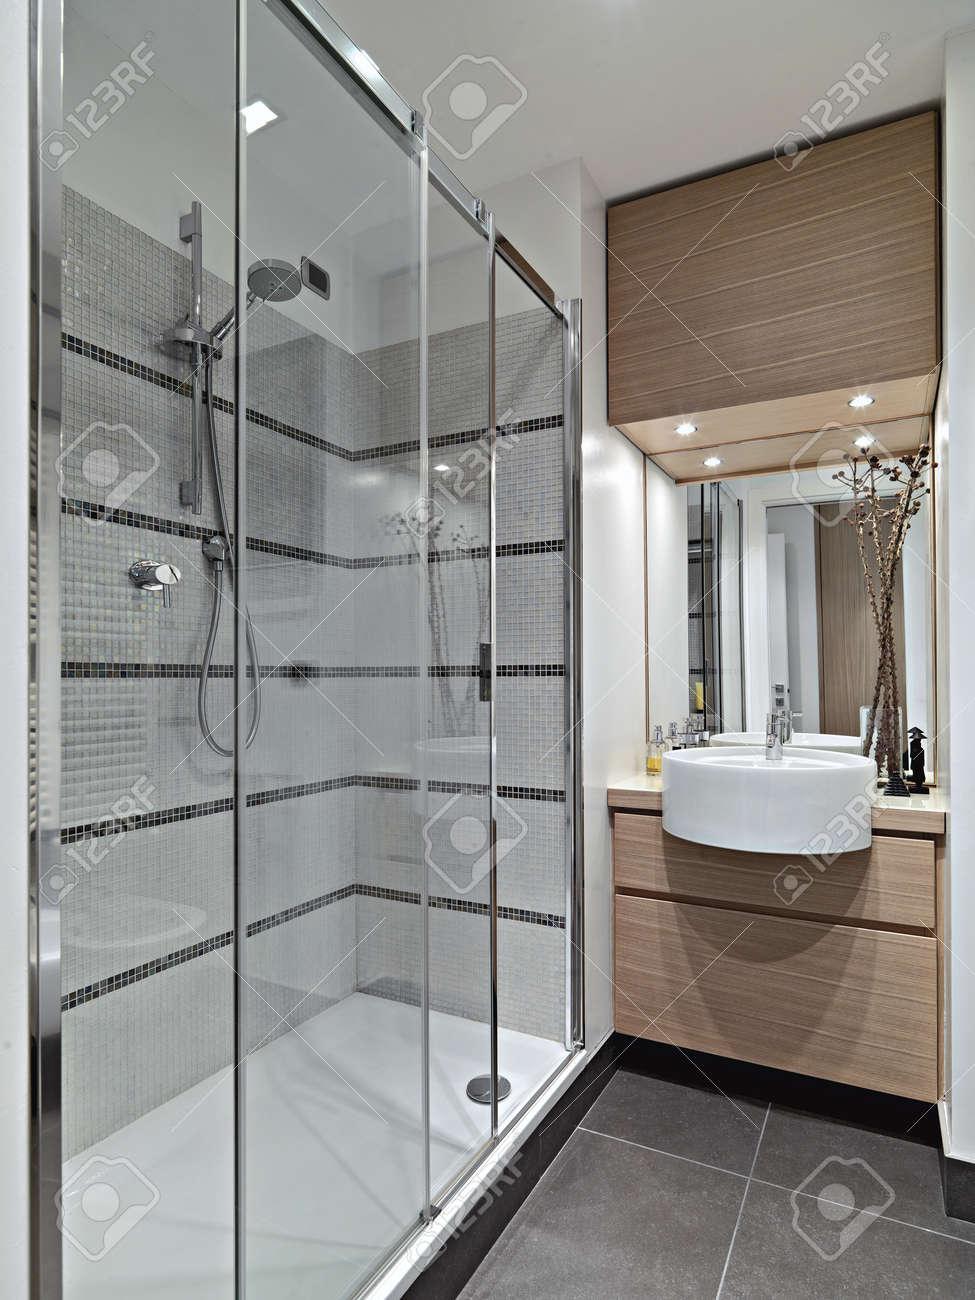 luminoso bagno moderno con pavimenti e soffito in legno vasca in ... - Immagini Bagni Moderni Con Doccia